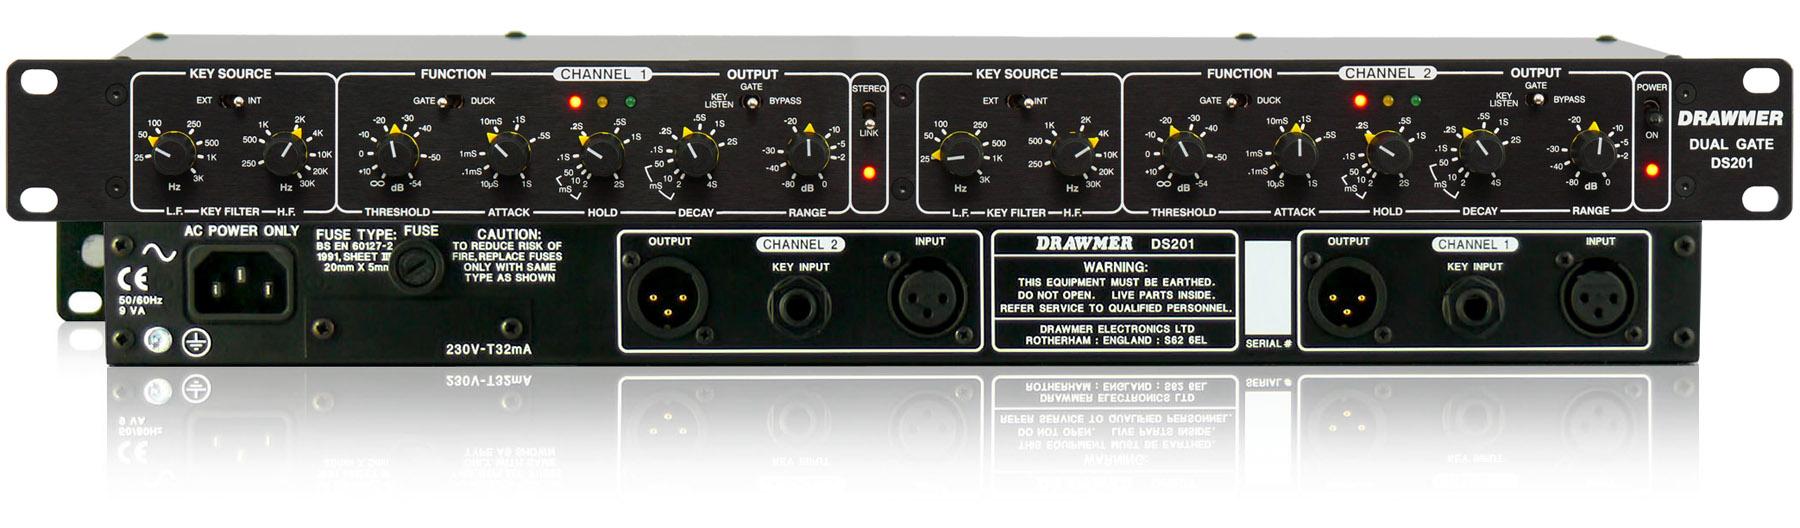 DrawmerDS201